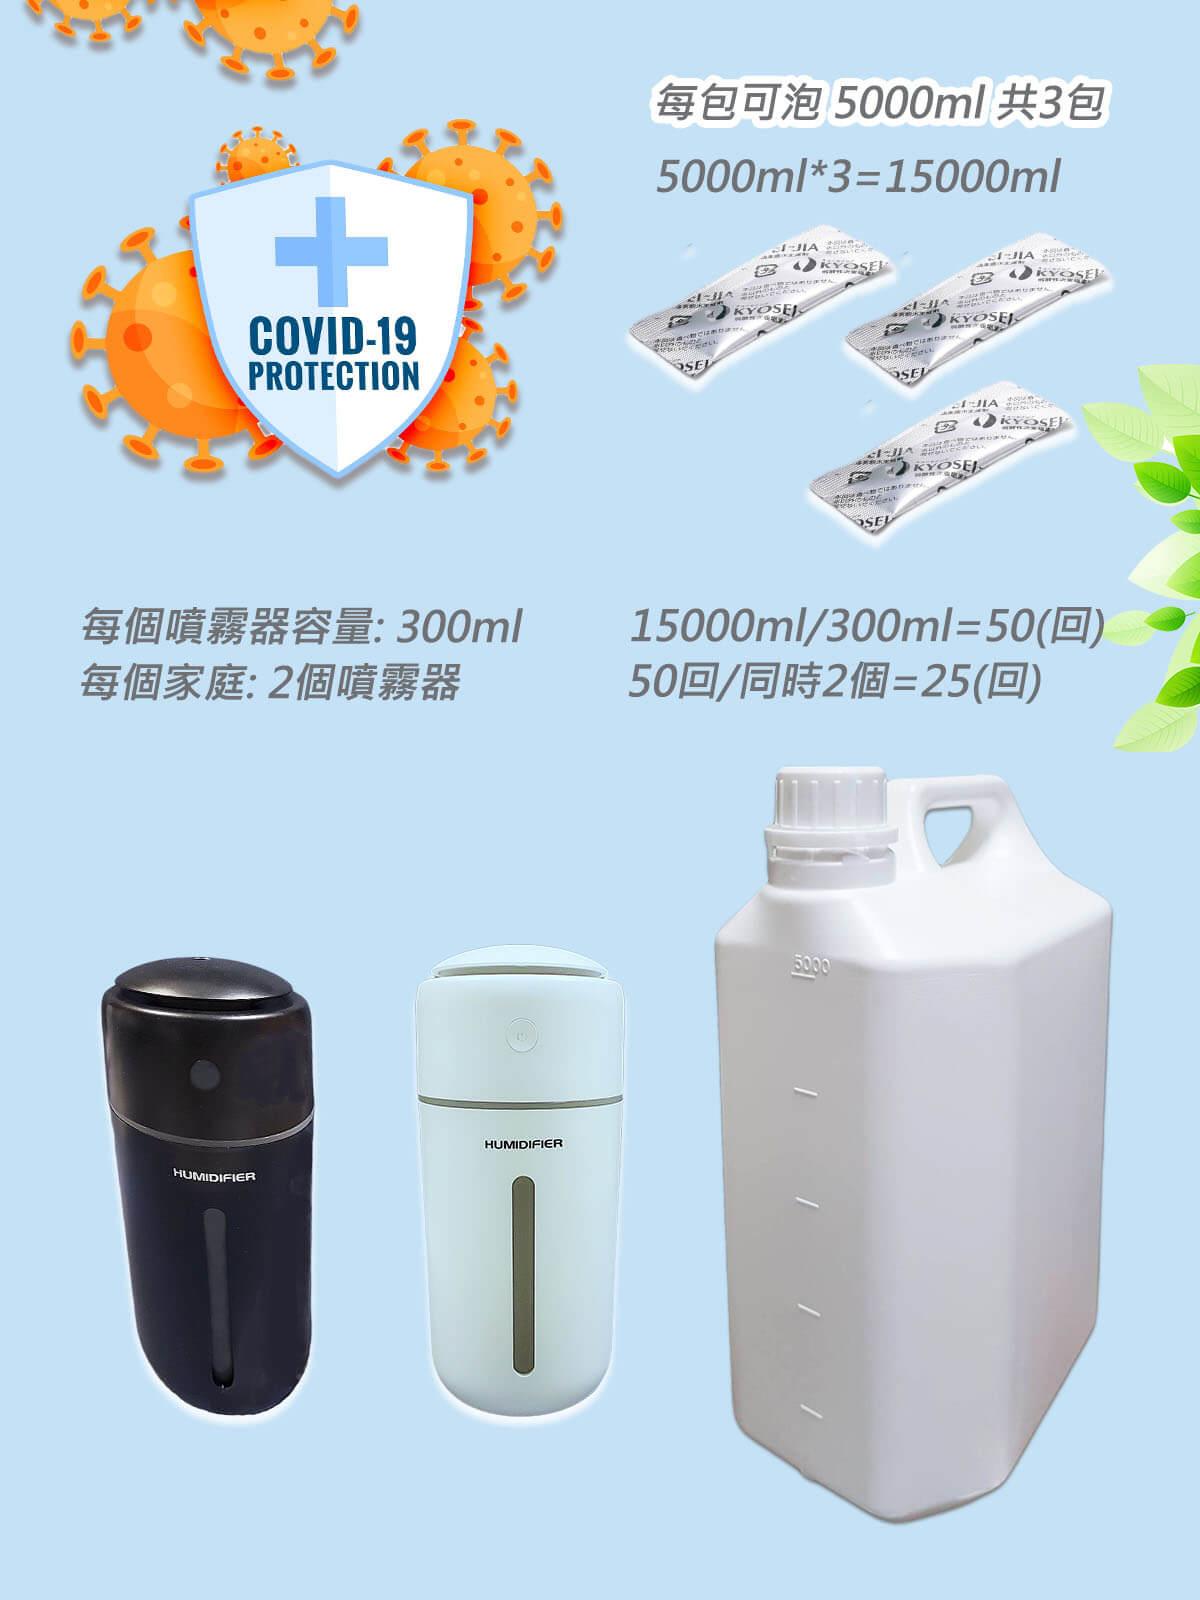 日本製KYOSEI-JIA微酸性次氯酸水生成劑3小包+2自動噴霧器+5000ml容器